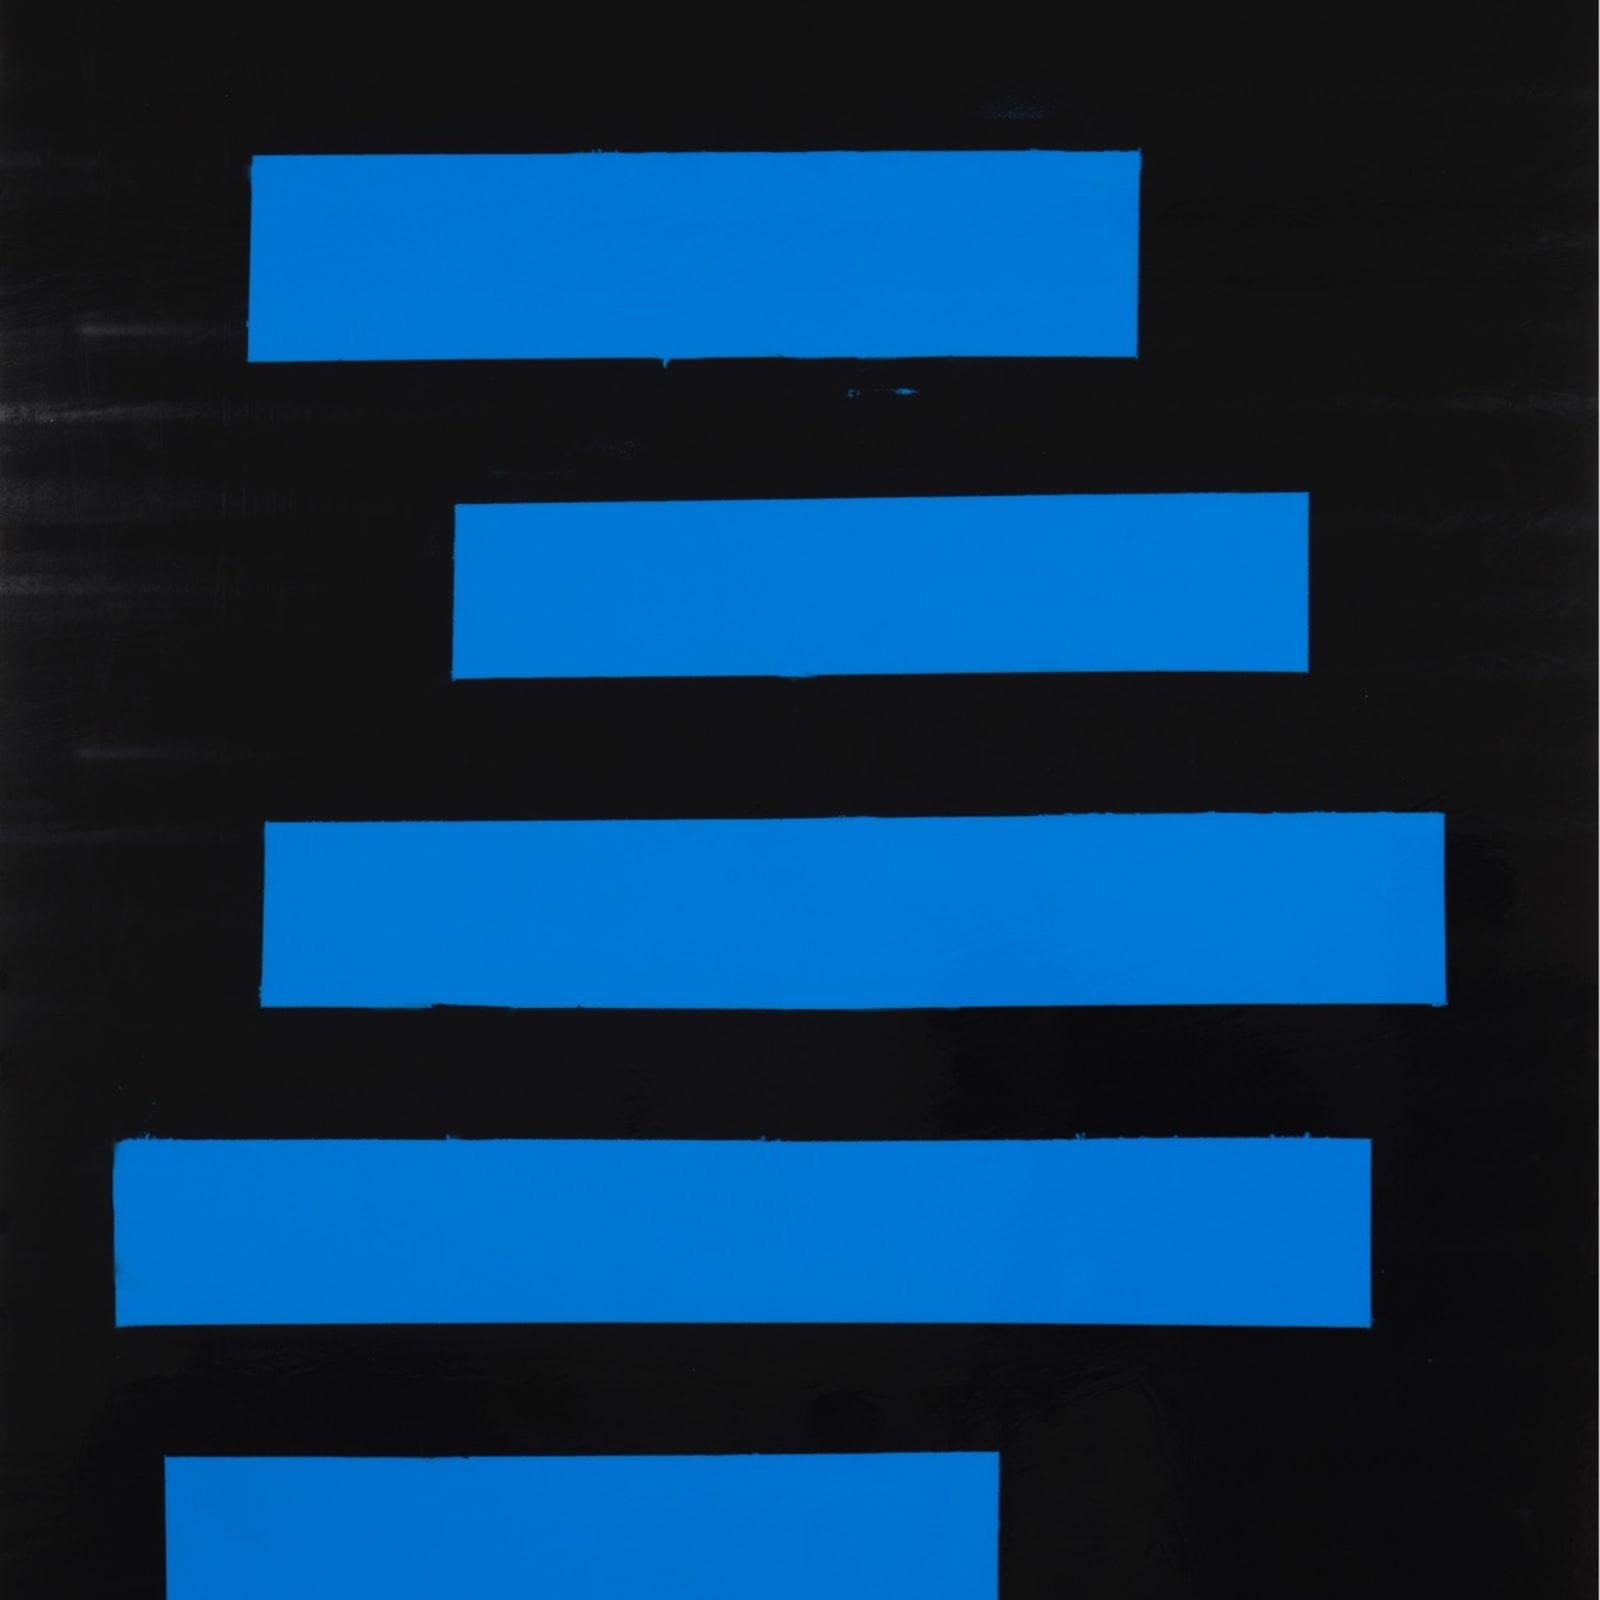 Tariku Shiferaw, Blue Notes (Meek Mill), 2019